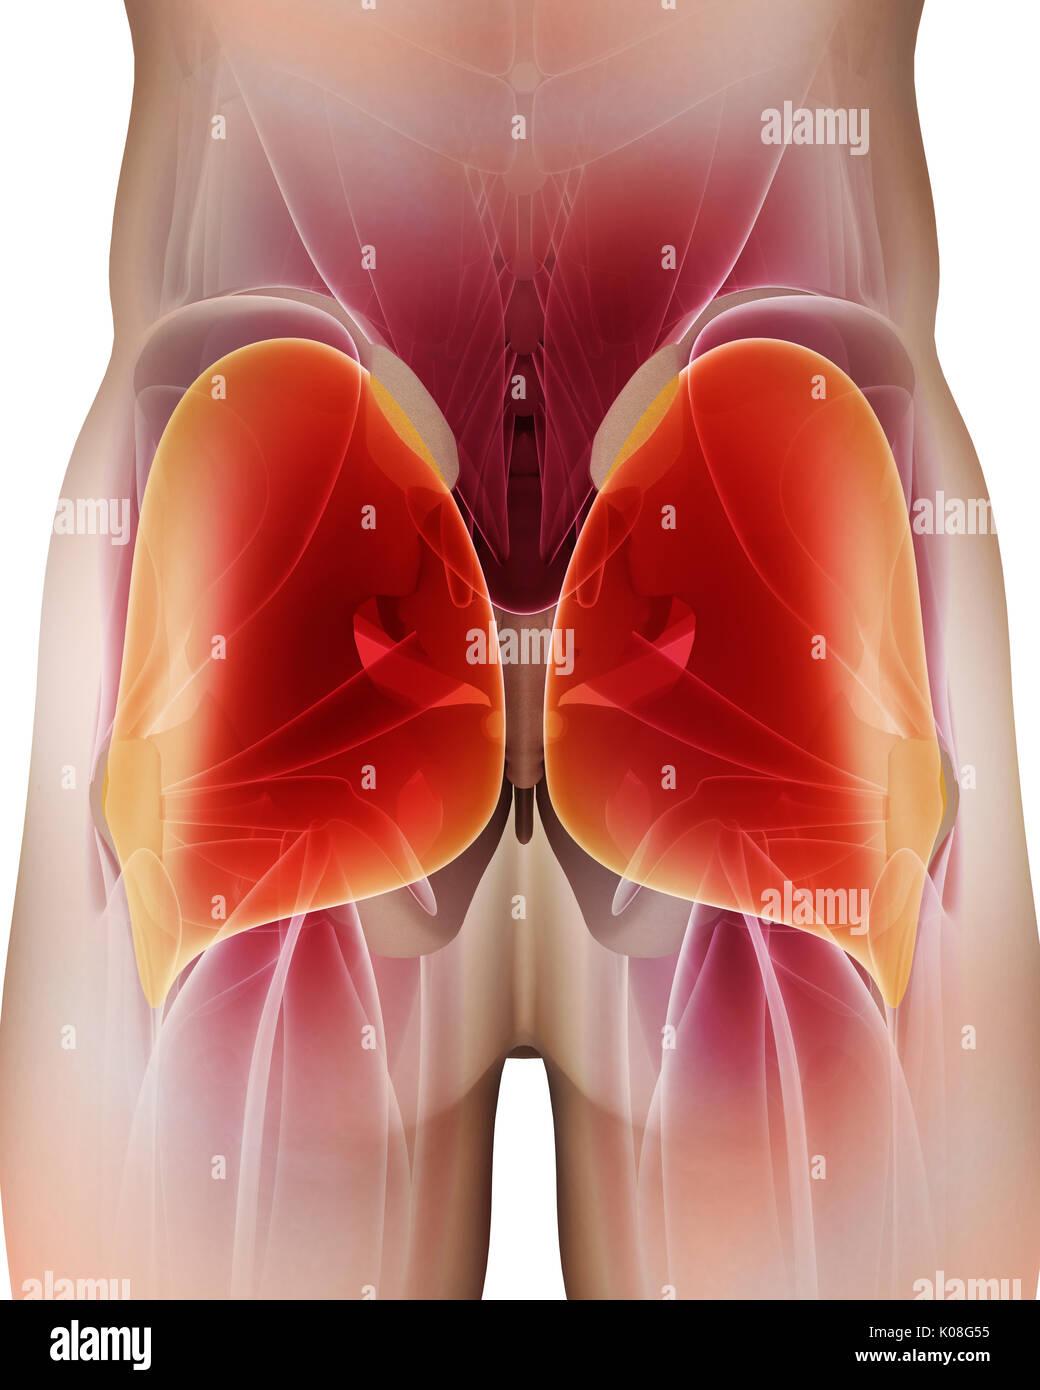 Ilustración 3d de glúteo mayor, parte de la anatomía del músculo ...